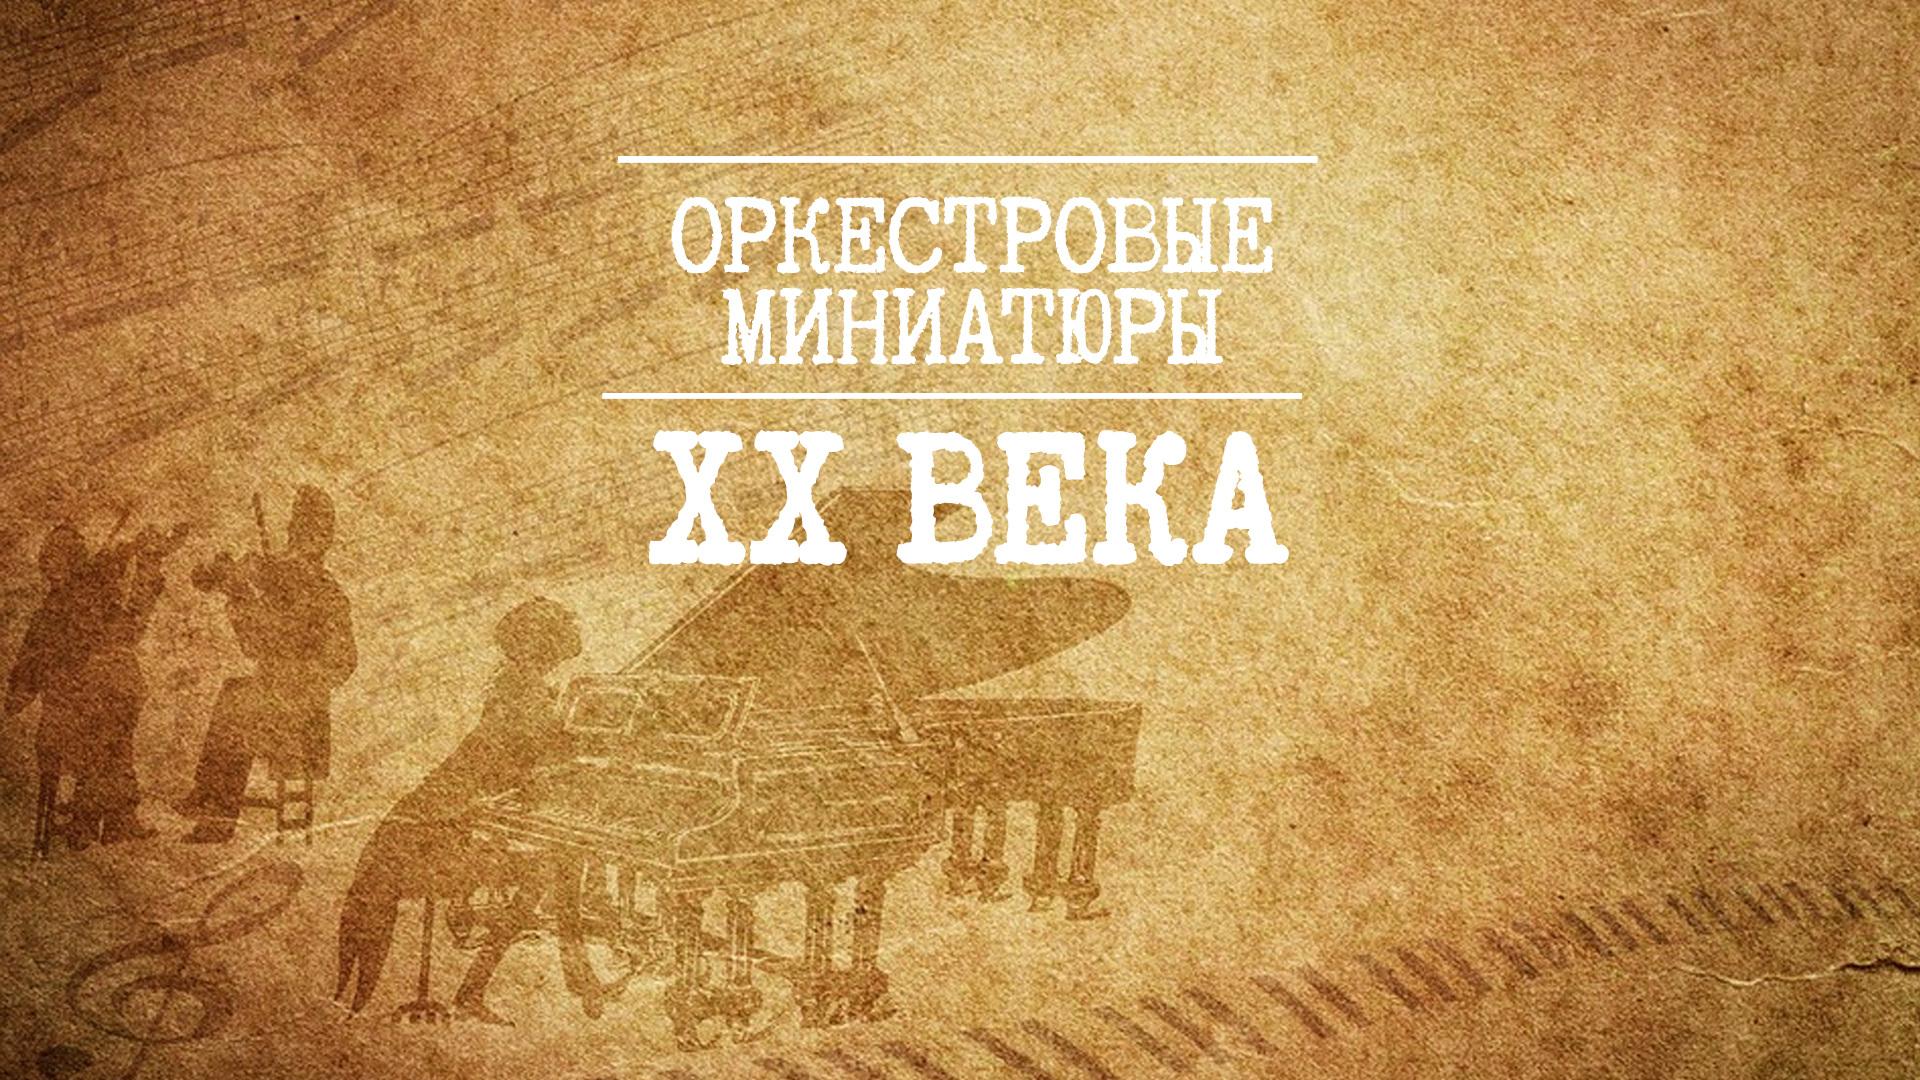 Оркестровые миниатюры ХХ века